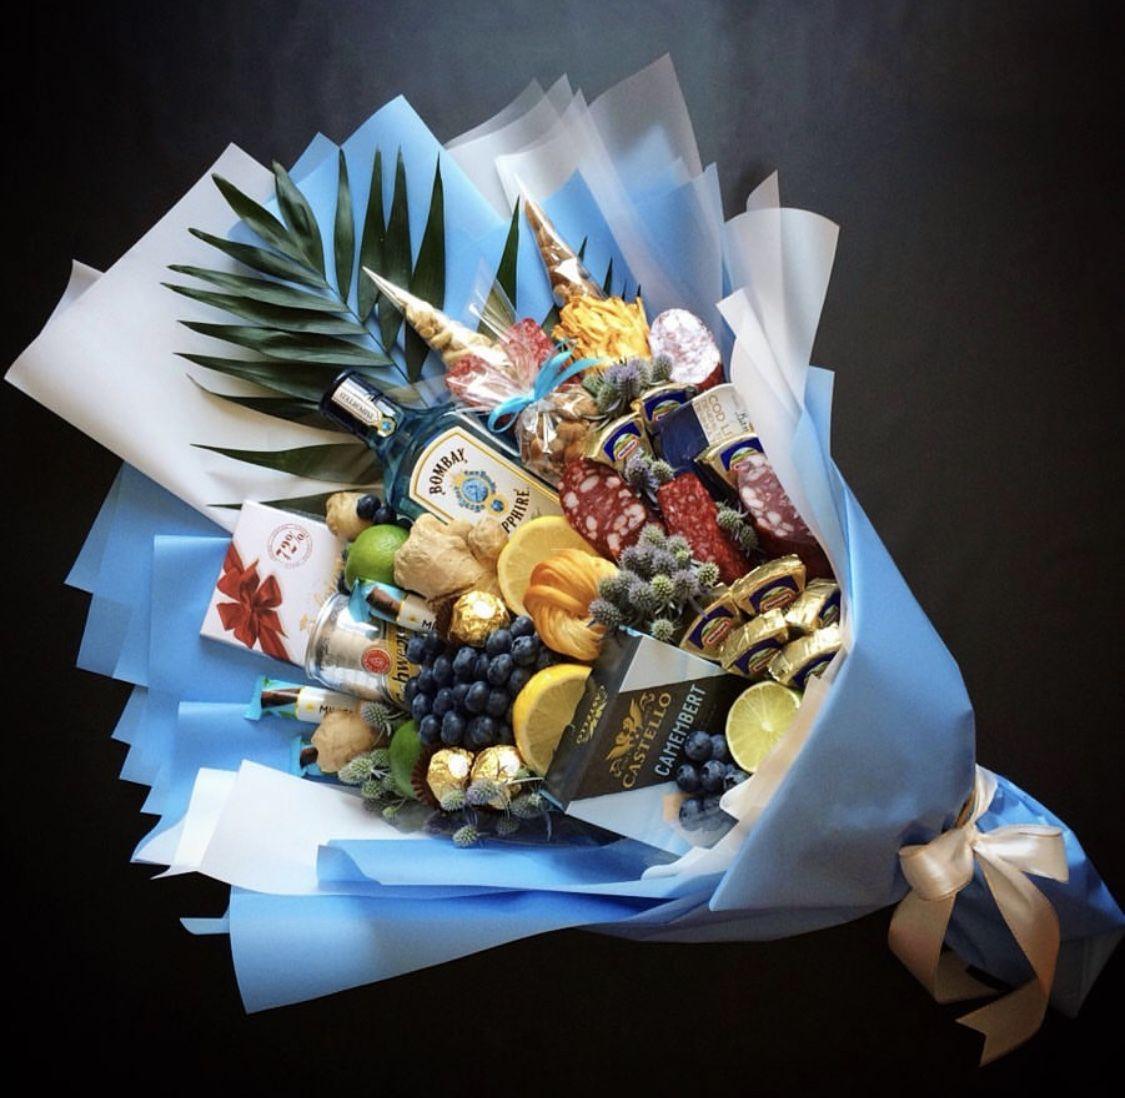 40 крутых подарков мужчине на день рождения - Лайфхакер